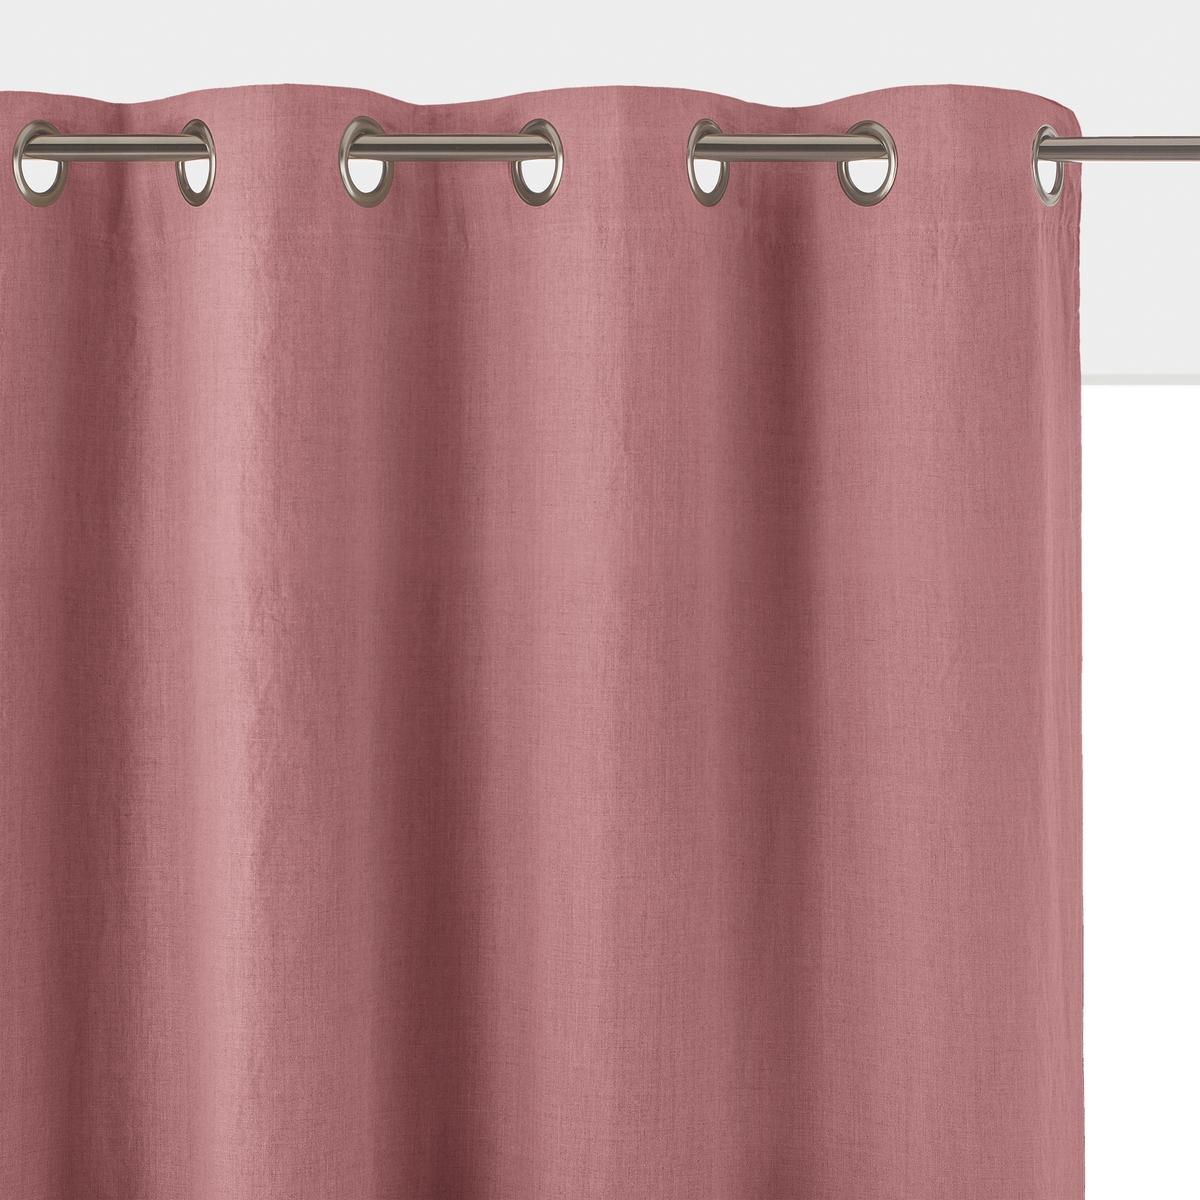 Штора LaRedoute Затемняющая из стиранного льна с люверсами Onega 220 x 135 см розовый